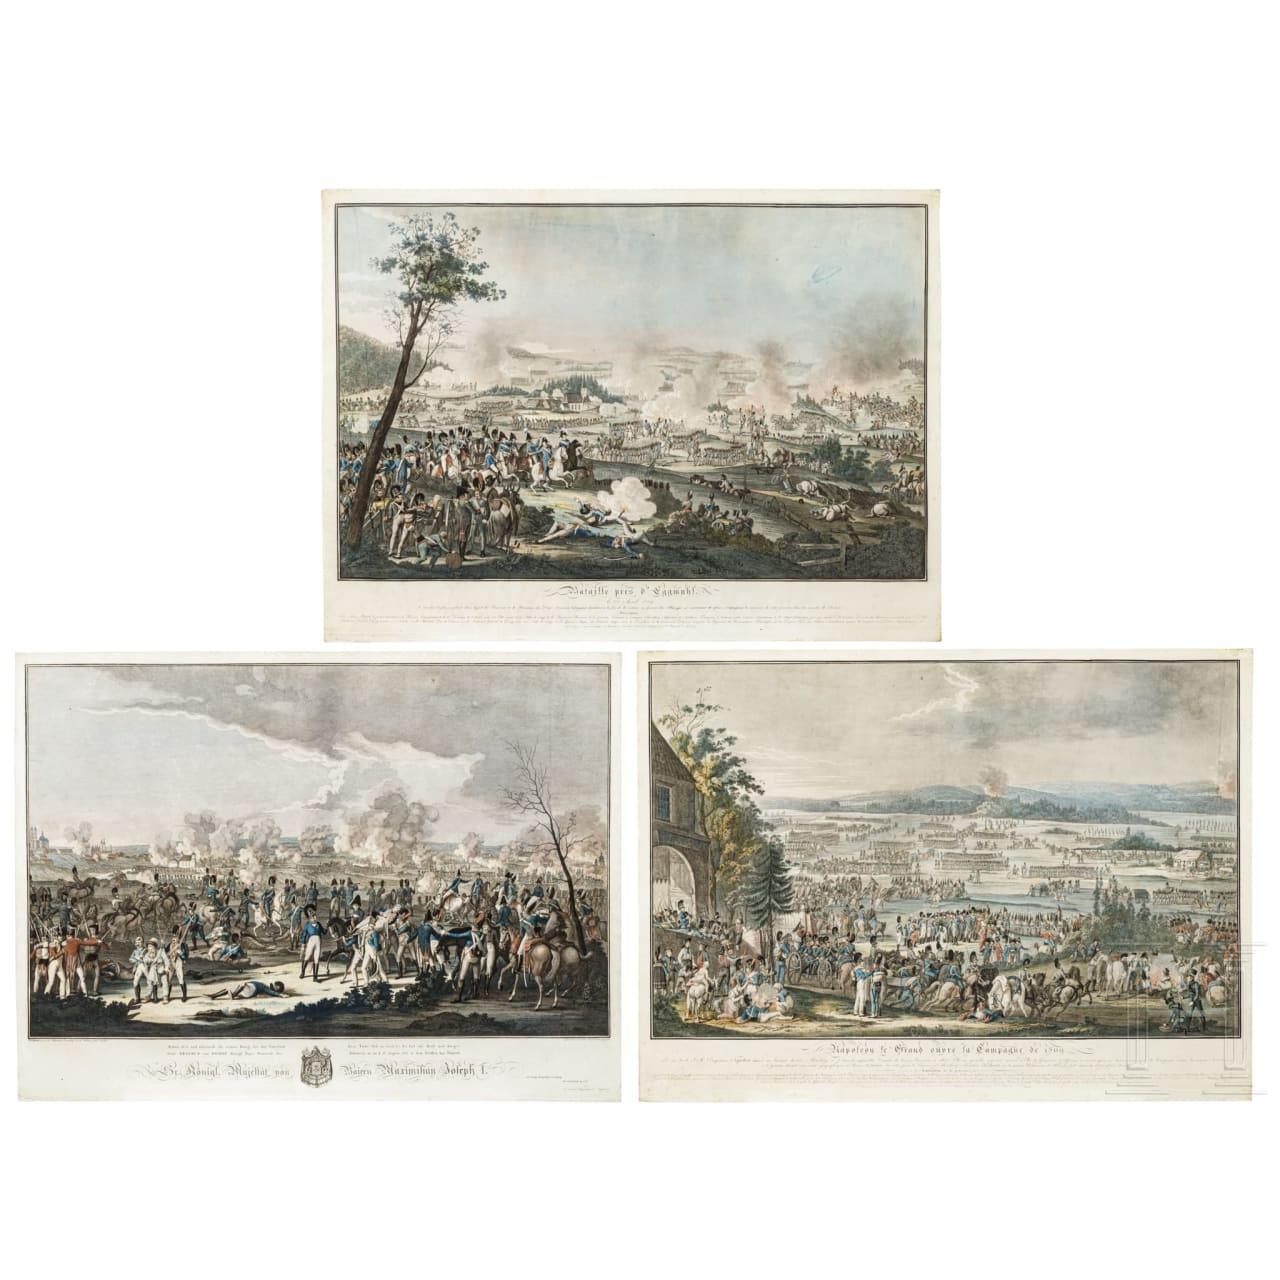 Johann Lorenz Rugendas (1775 - 1826), drei großformatige kolorierte Radierungen mit Szenen aus den Napoleonischen Kriegen in Bayern